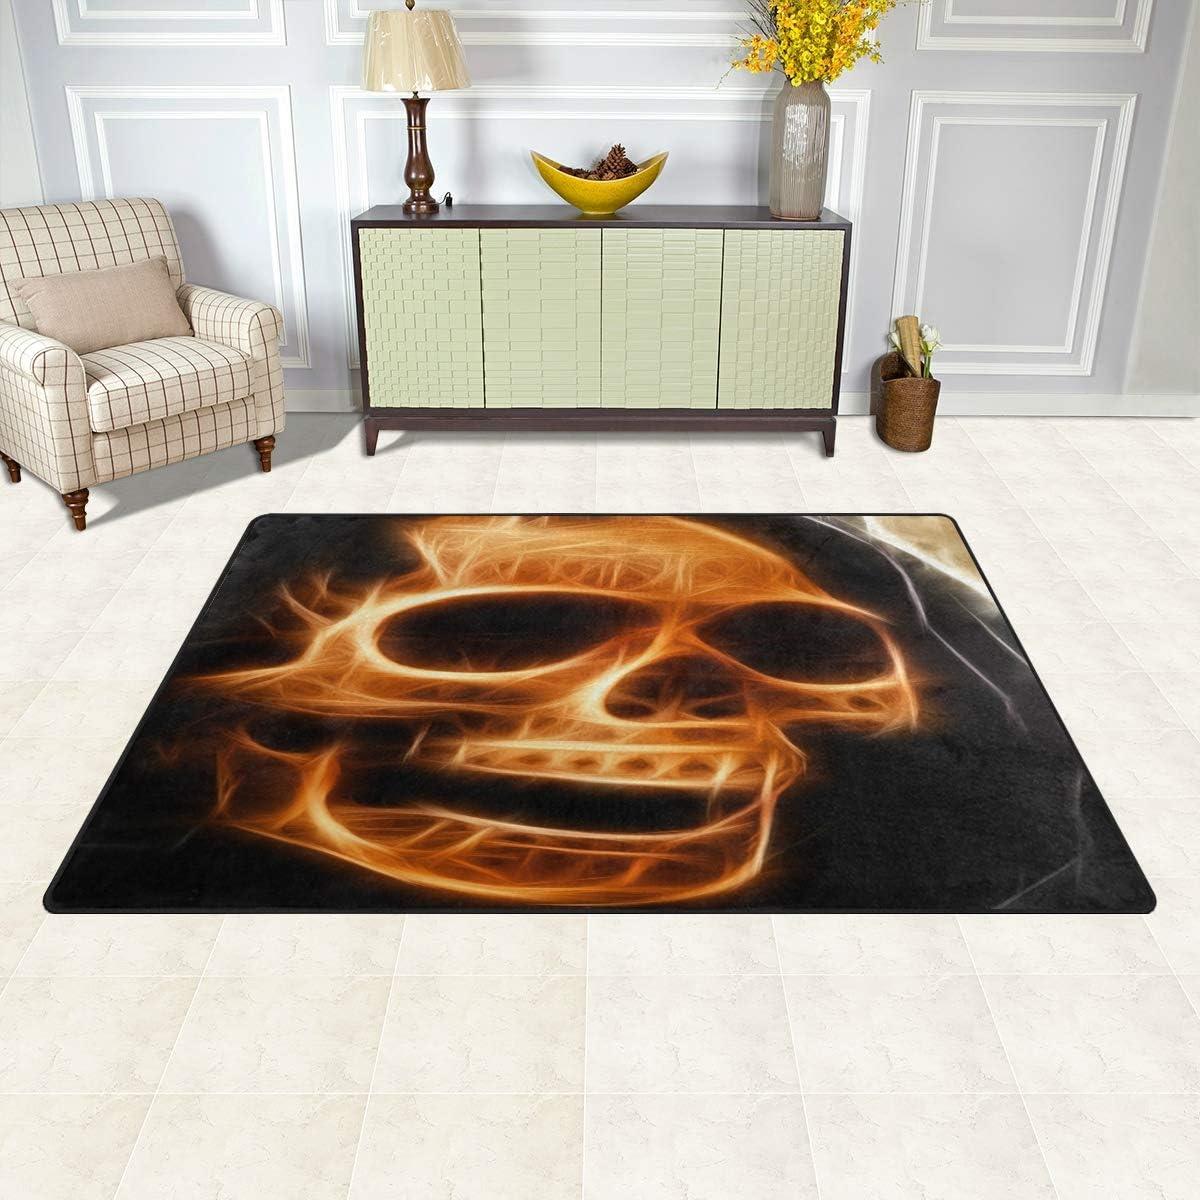 Naanle Fire Skull Non Slip Area Rug for Living Dinning Room Bedroom Kitchen 20 x 31 Inches // 50 x 80 cm Halloween Skull Nursery Rug Floor Carpet Yoga Mat 1.7  x 2.6